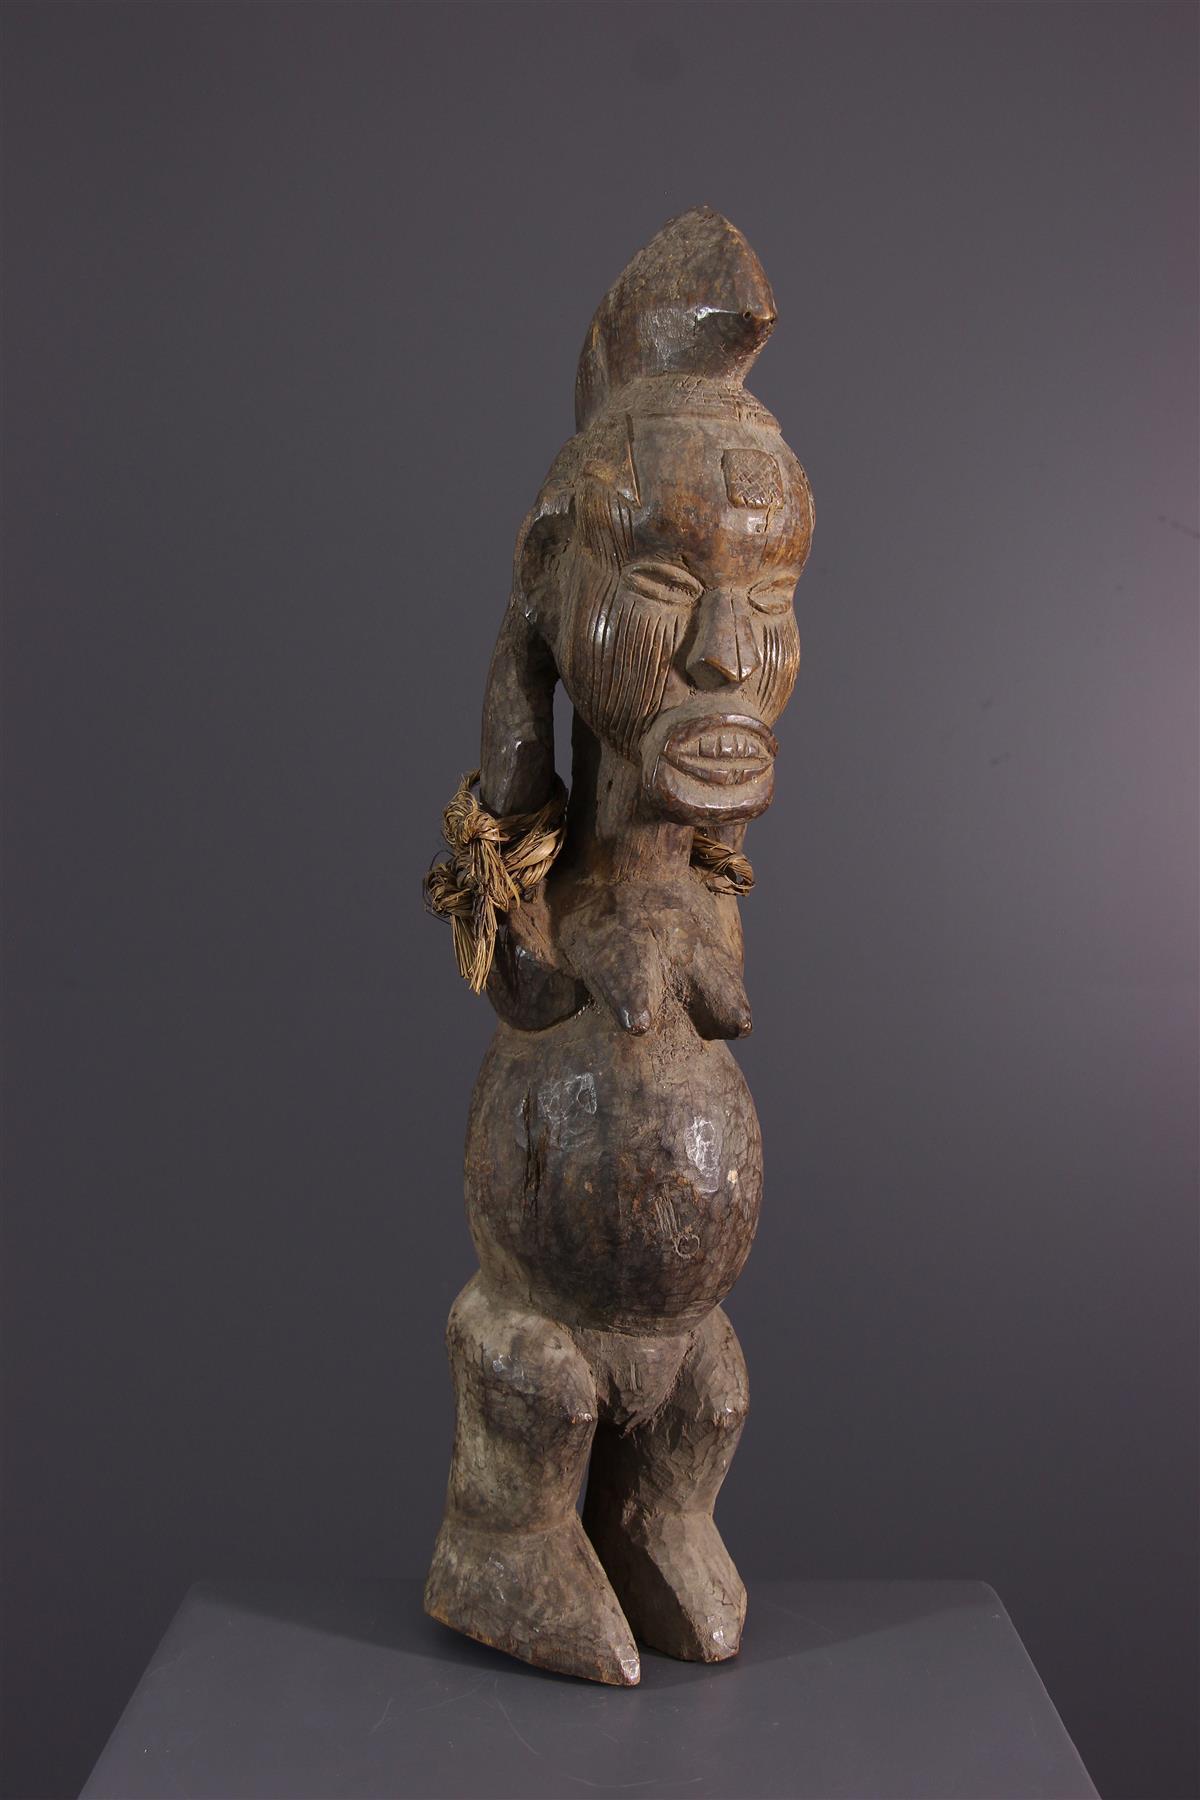 Lari statue - African art